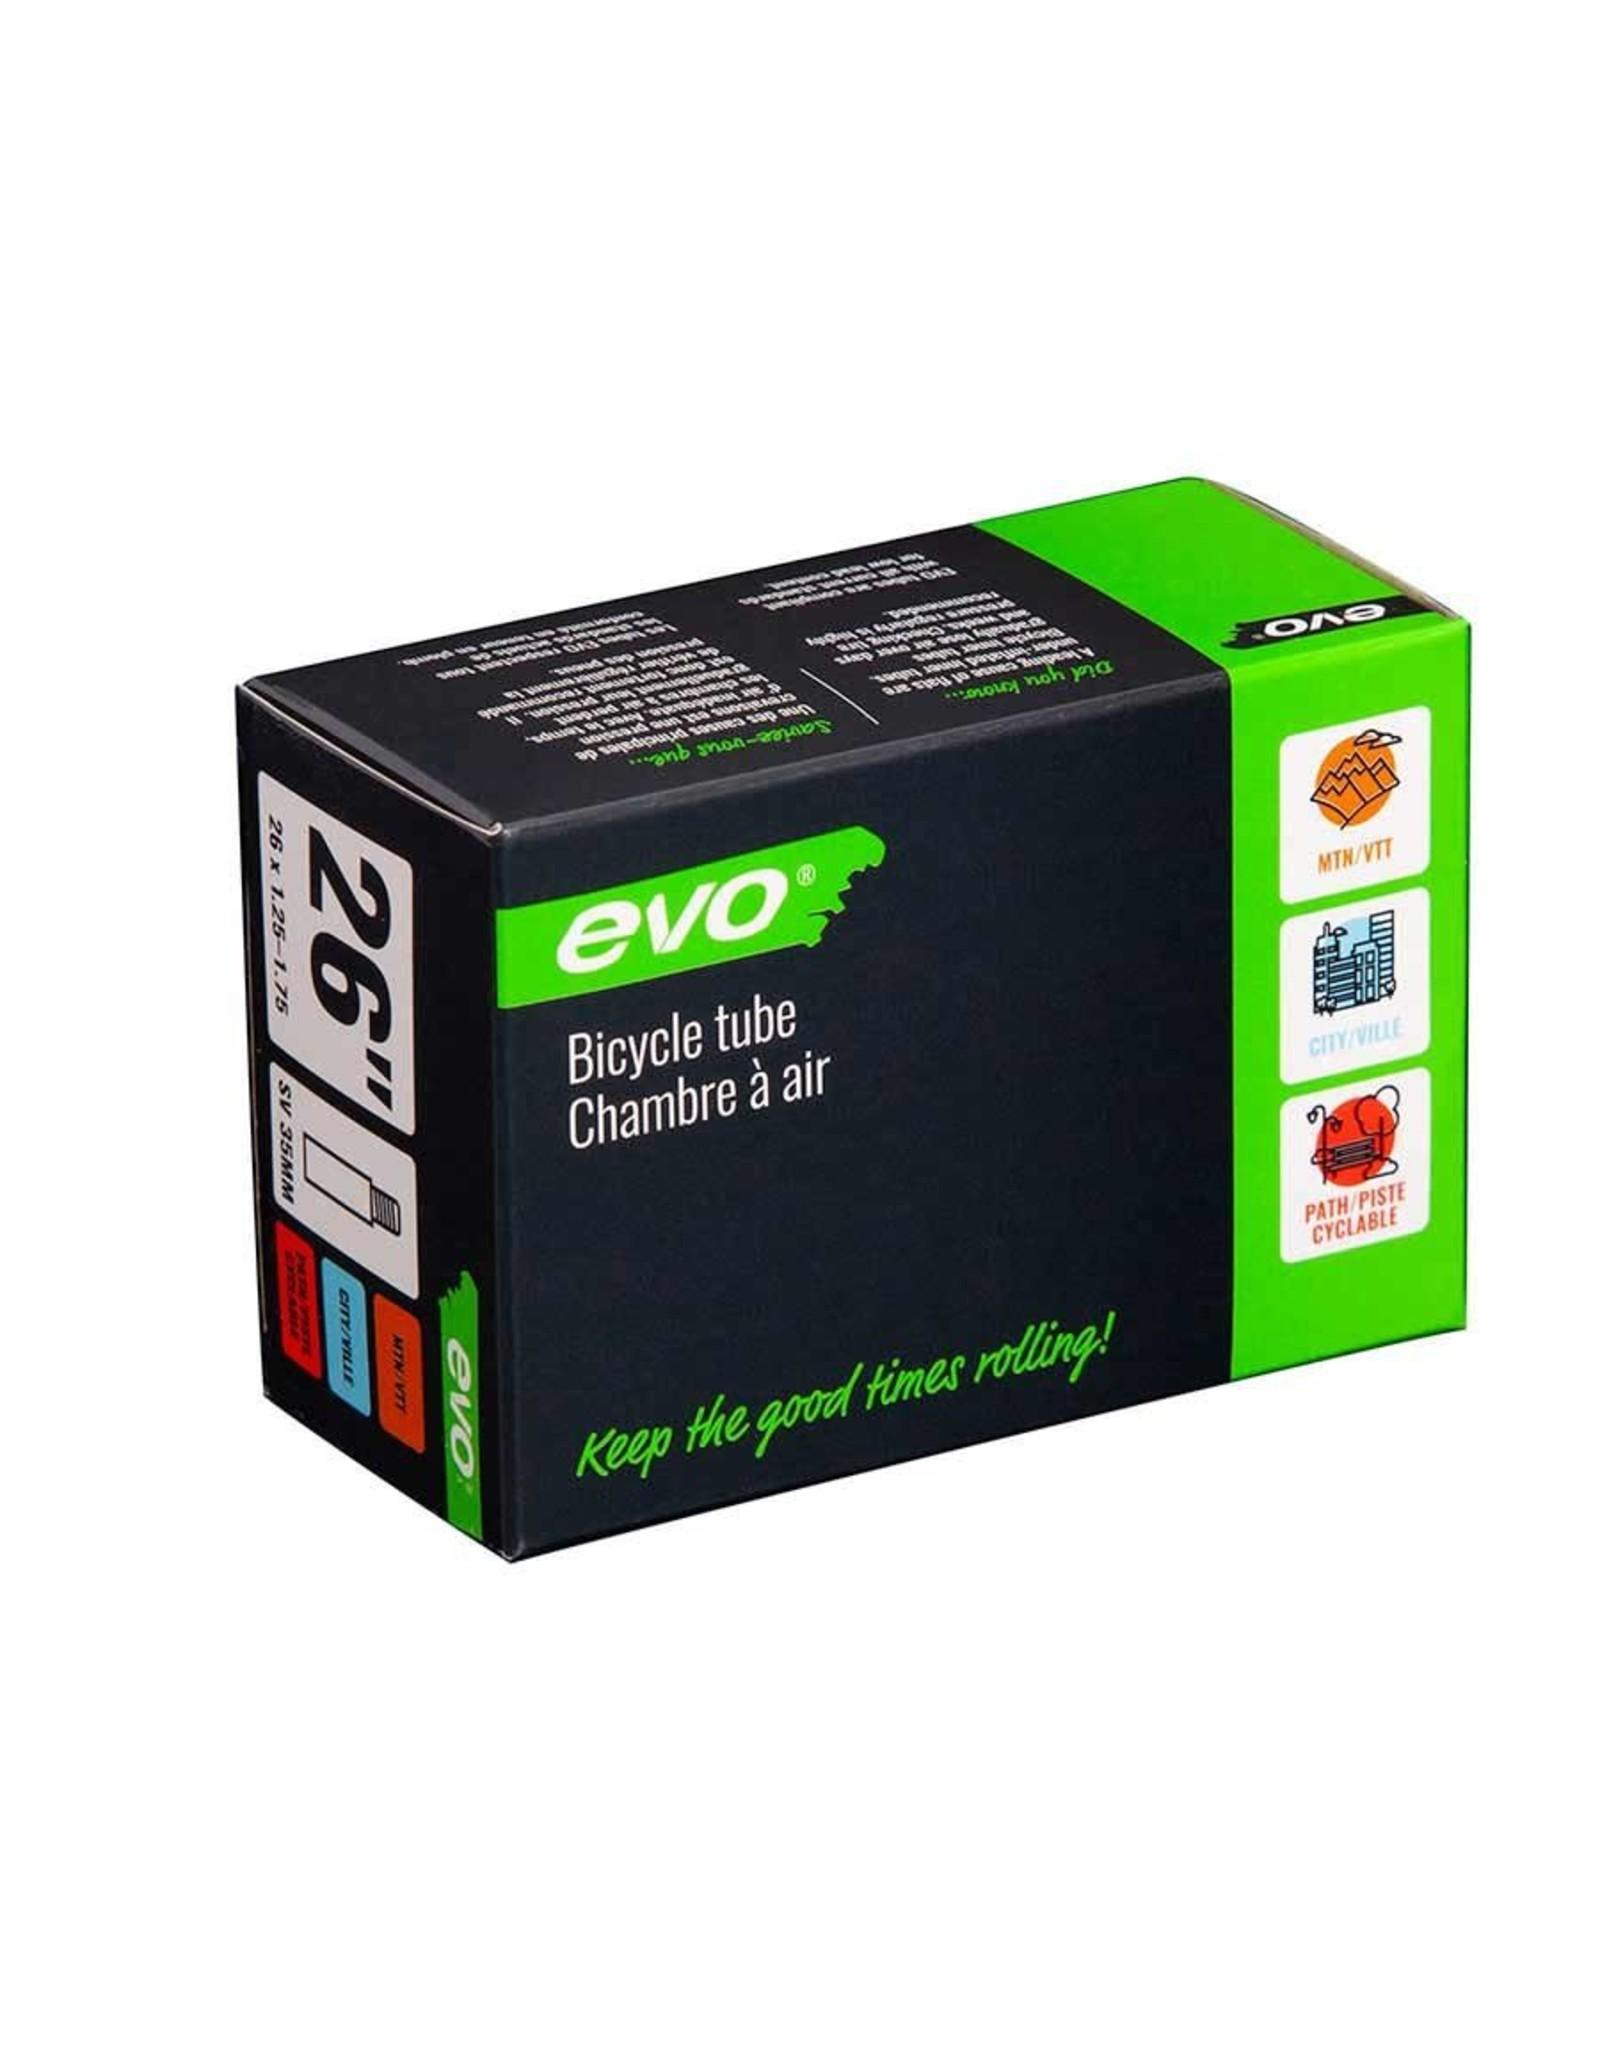 EVO EVO, Tube, 26x1.25-1.75, Schrader, 48mm